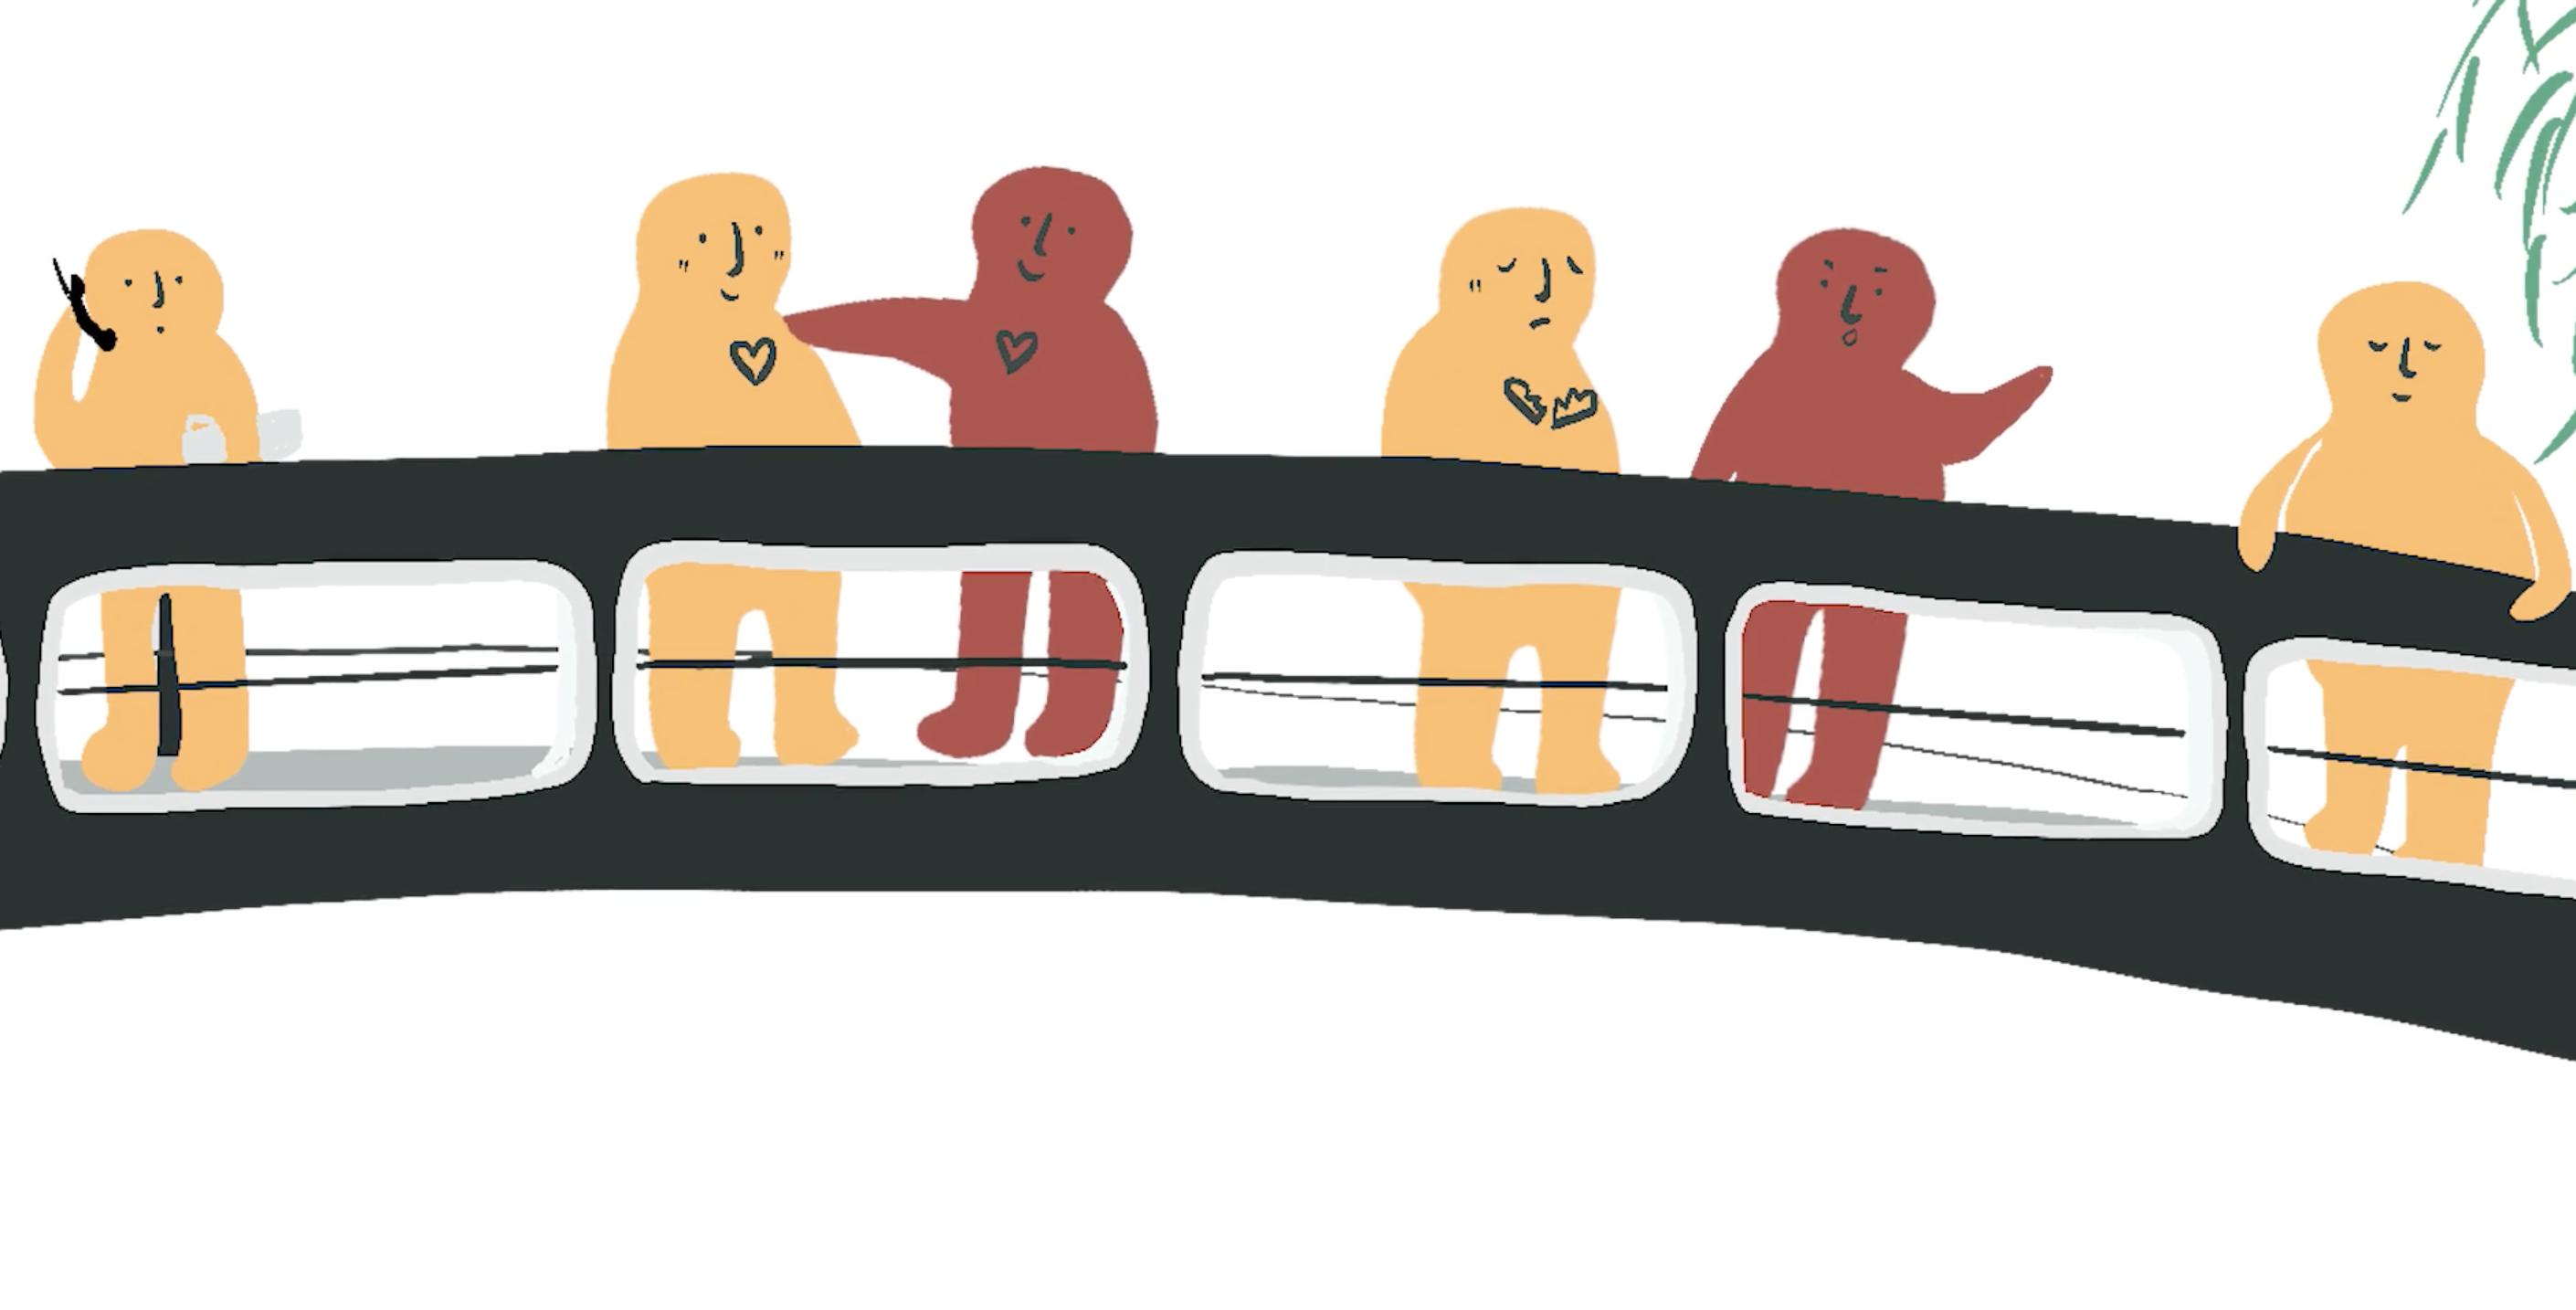 Illustration of people on a bridge